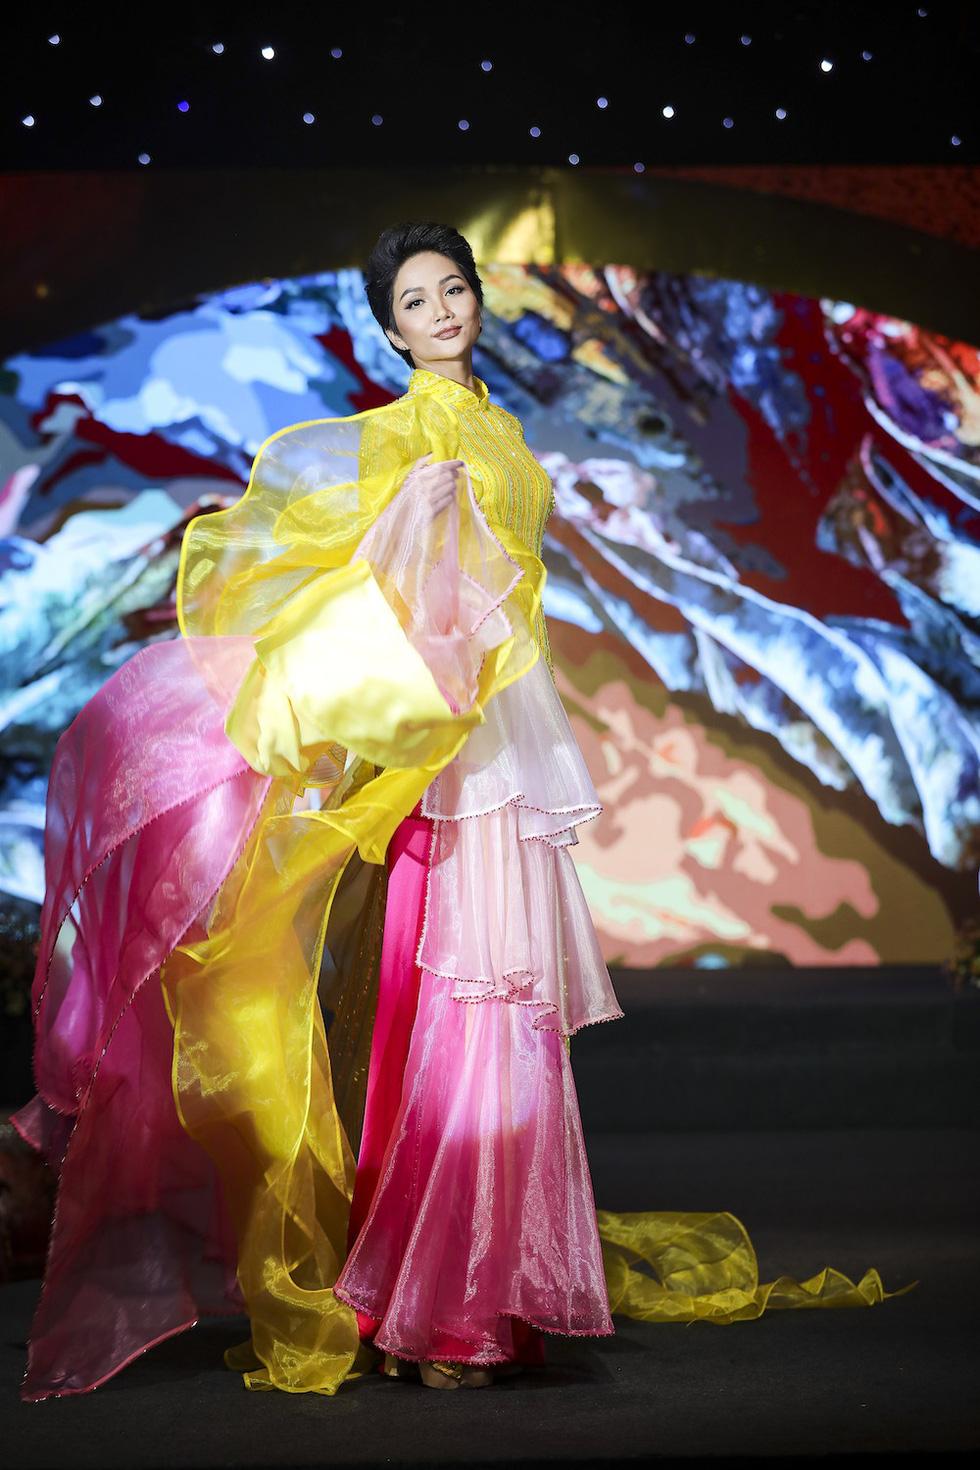 HHen Niê lộng lẫy trình diễn bế mạc Lễ hội áo dài 2019 - Ảnh 2.